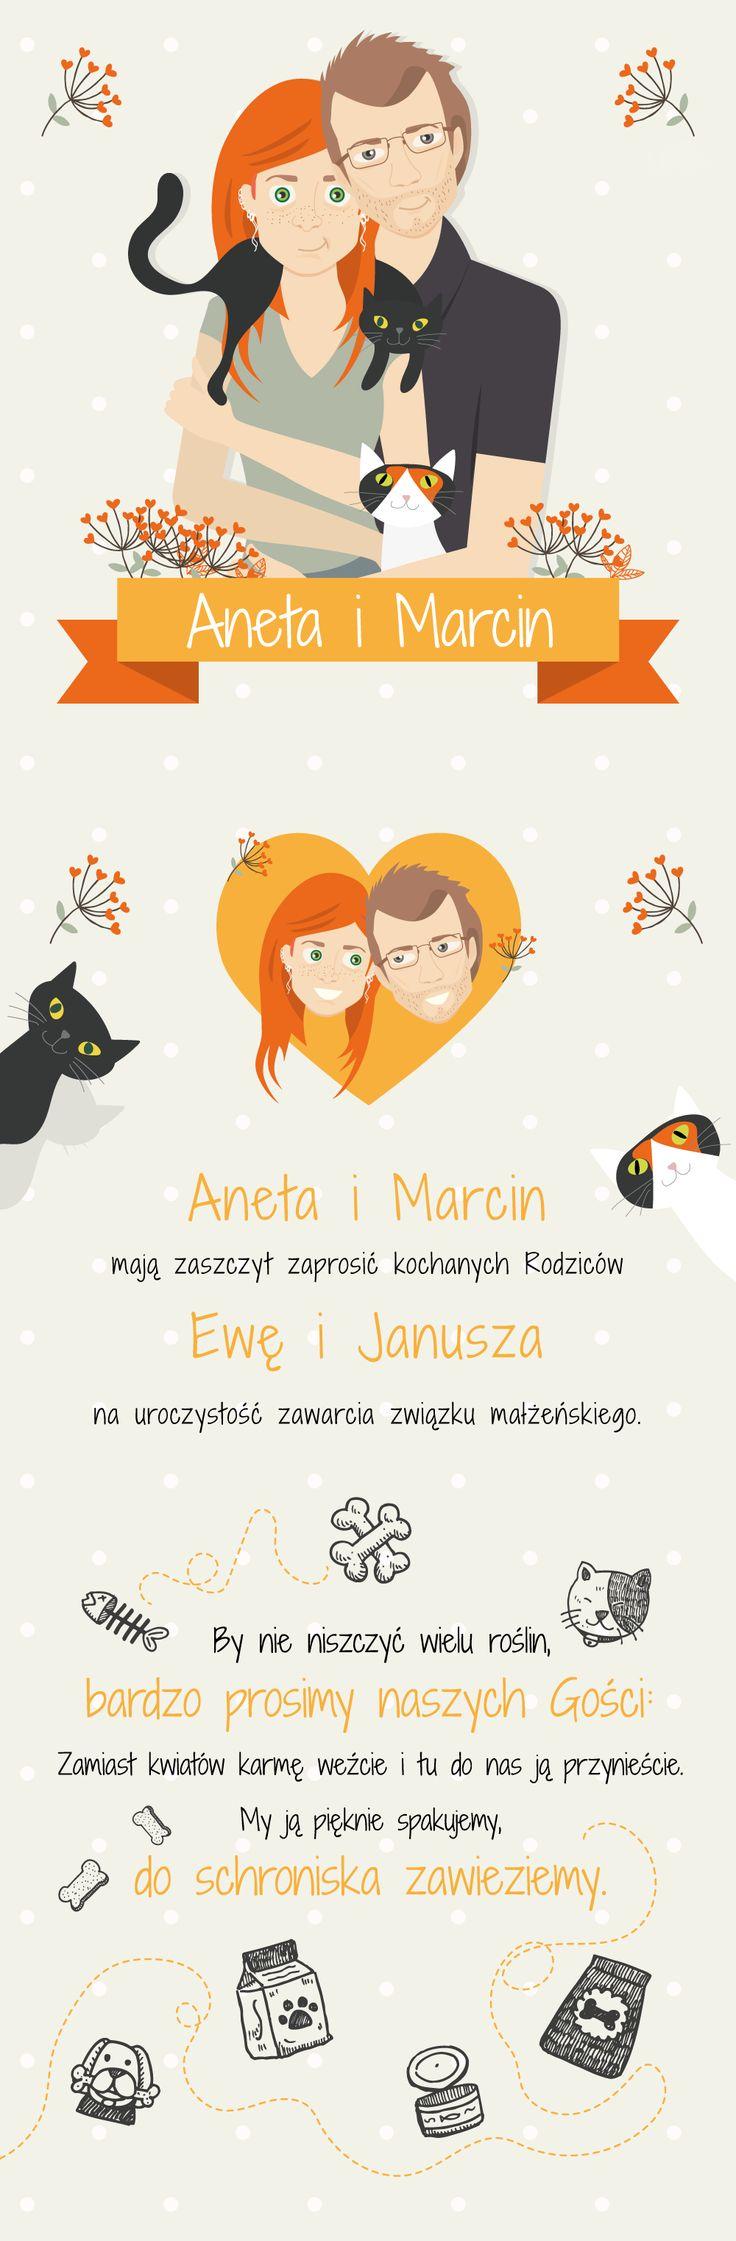 Zaproszenie na ślub /card